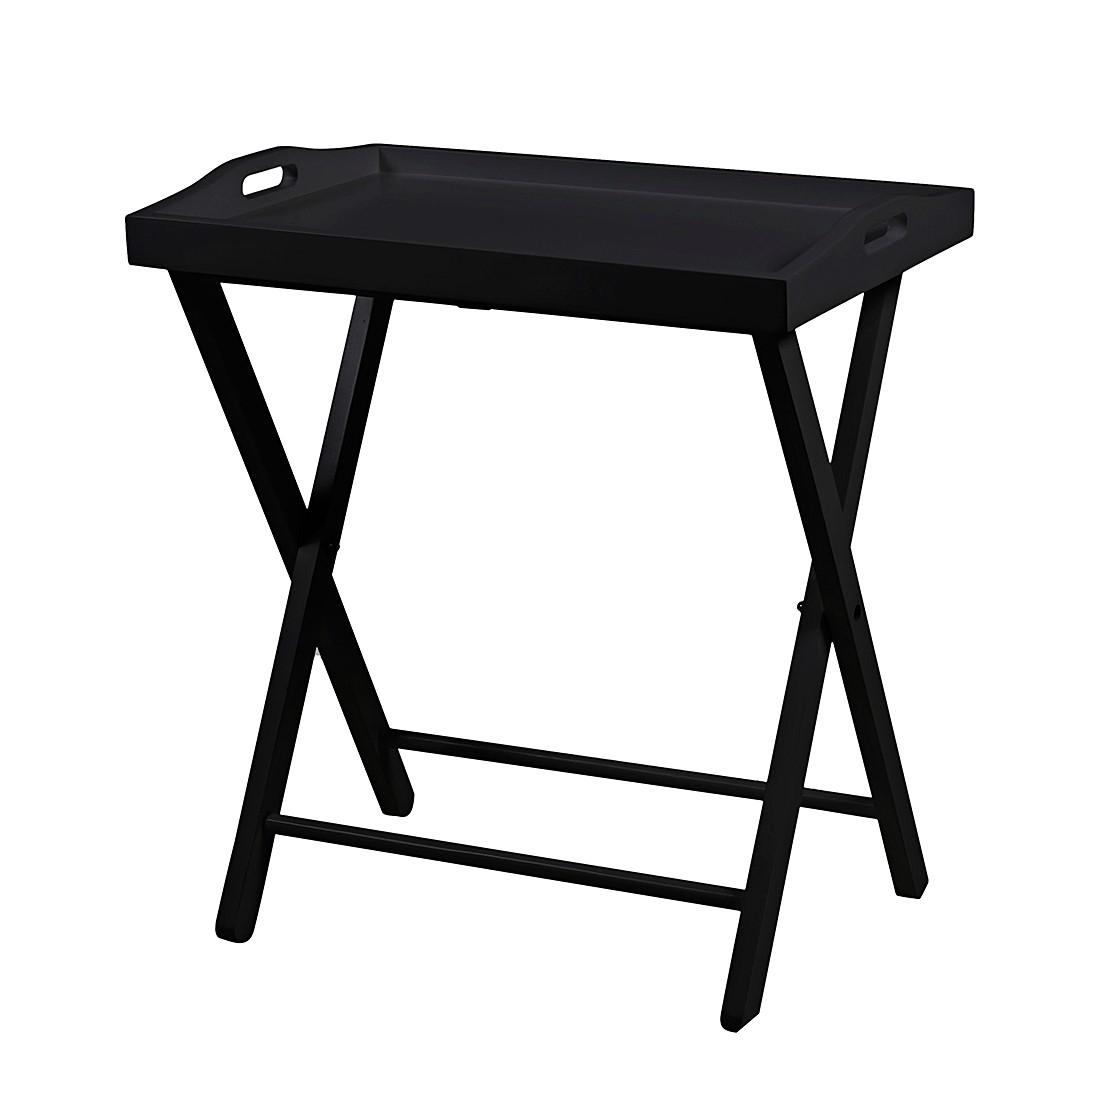 Image of Tavolino Vassia - Parzialmente legno di pino massello Nero, mooved